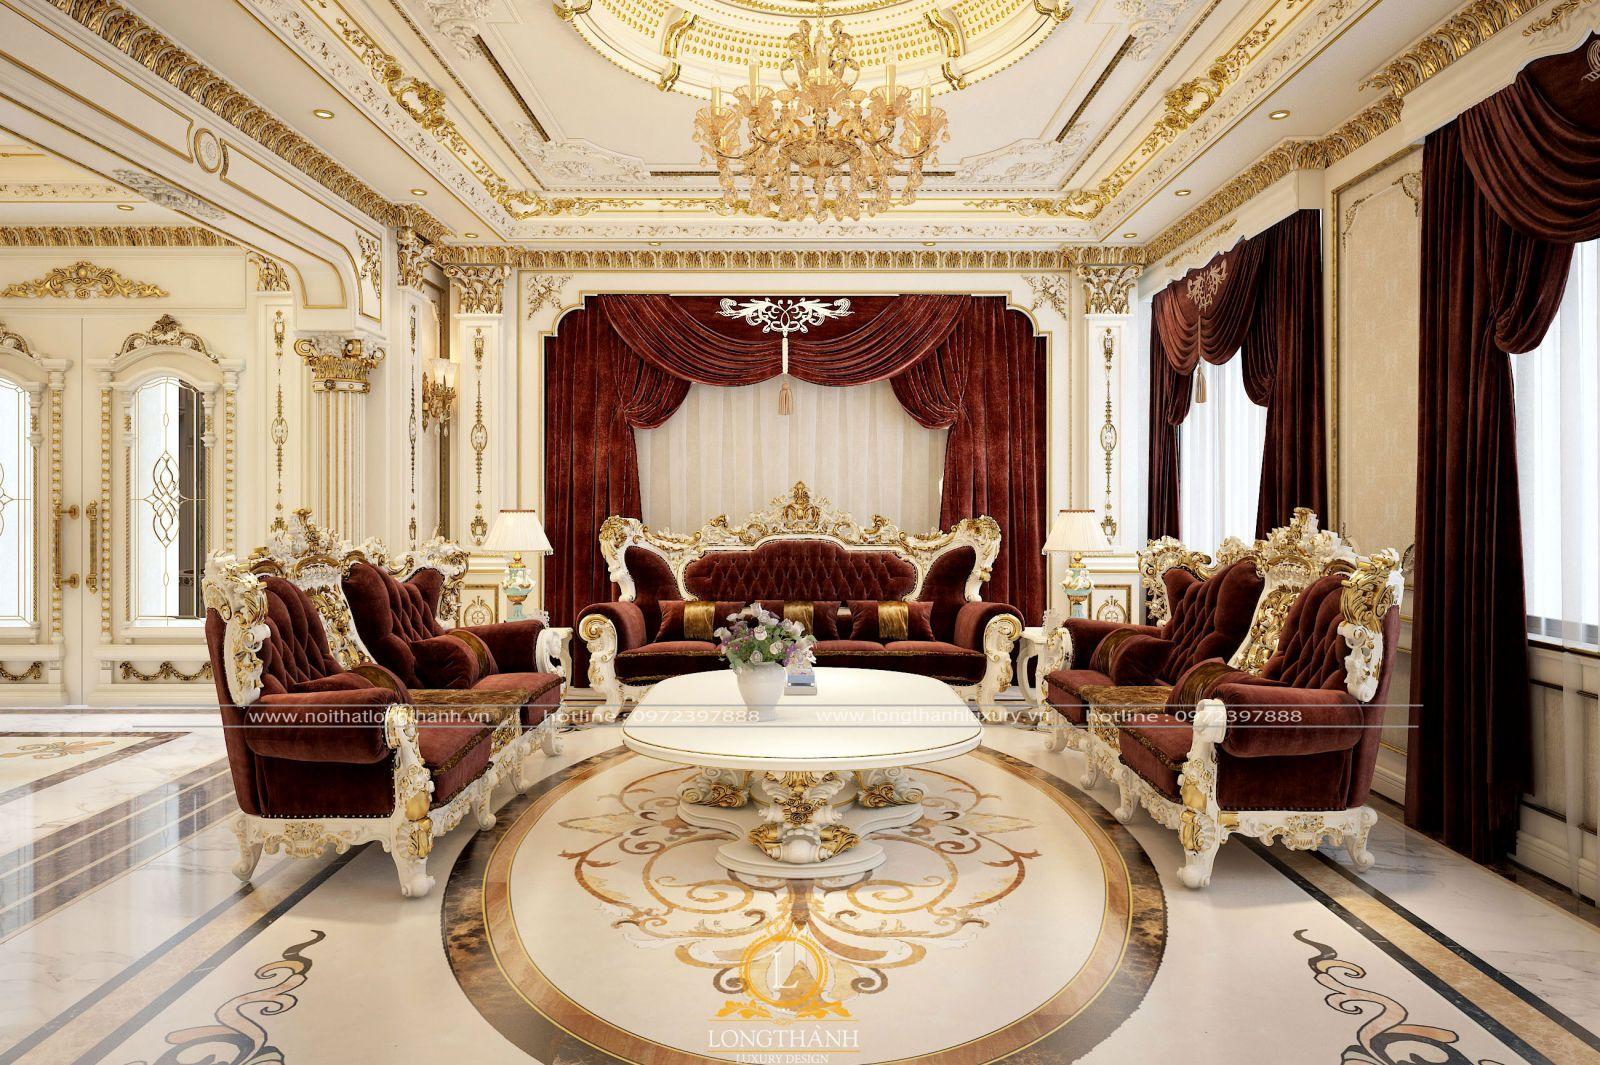 Mẫu phòng khách đẹp cho nhà biệt thự LT37